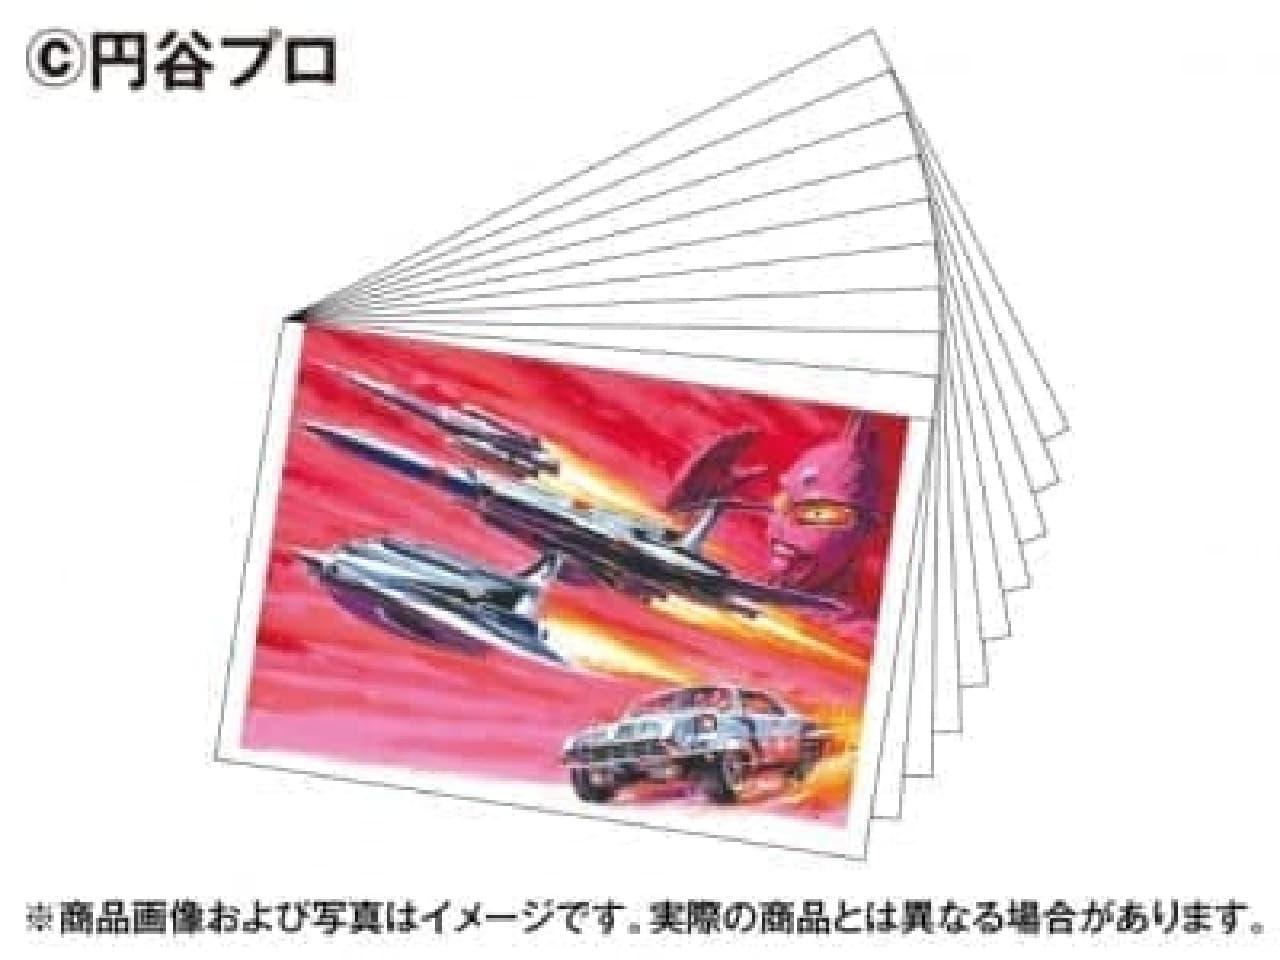 児童誌などに使用された貴重な原画をポストカードに